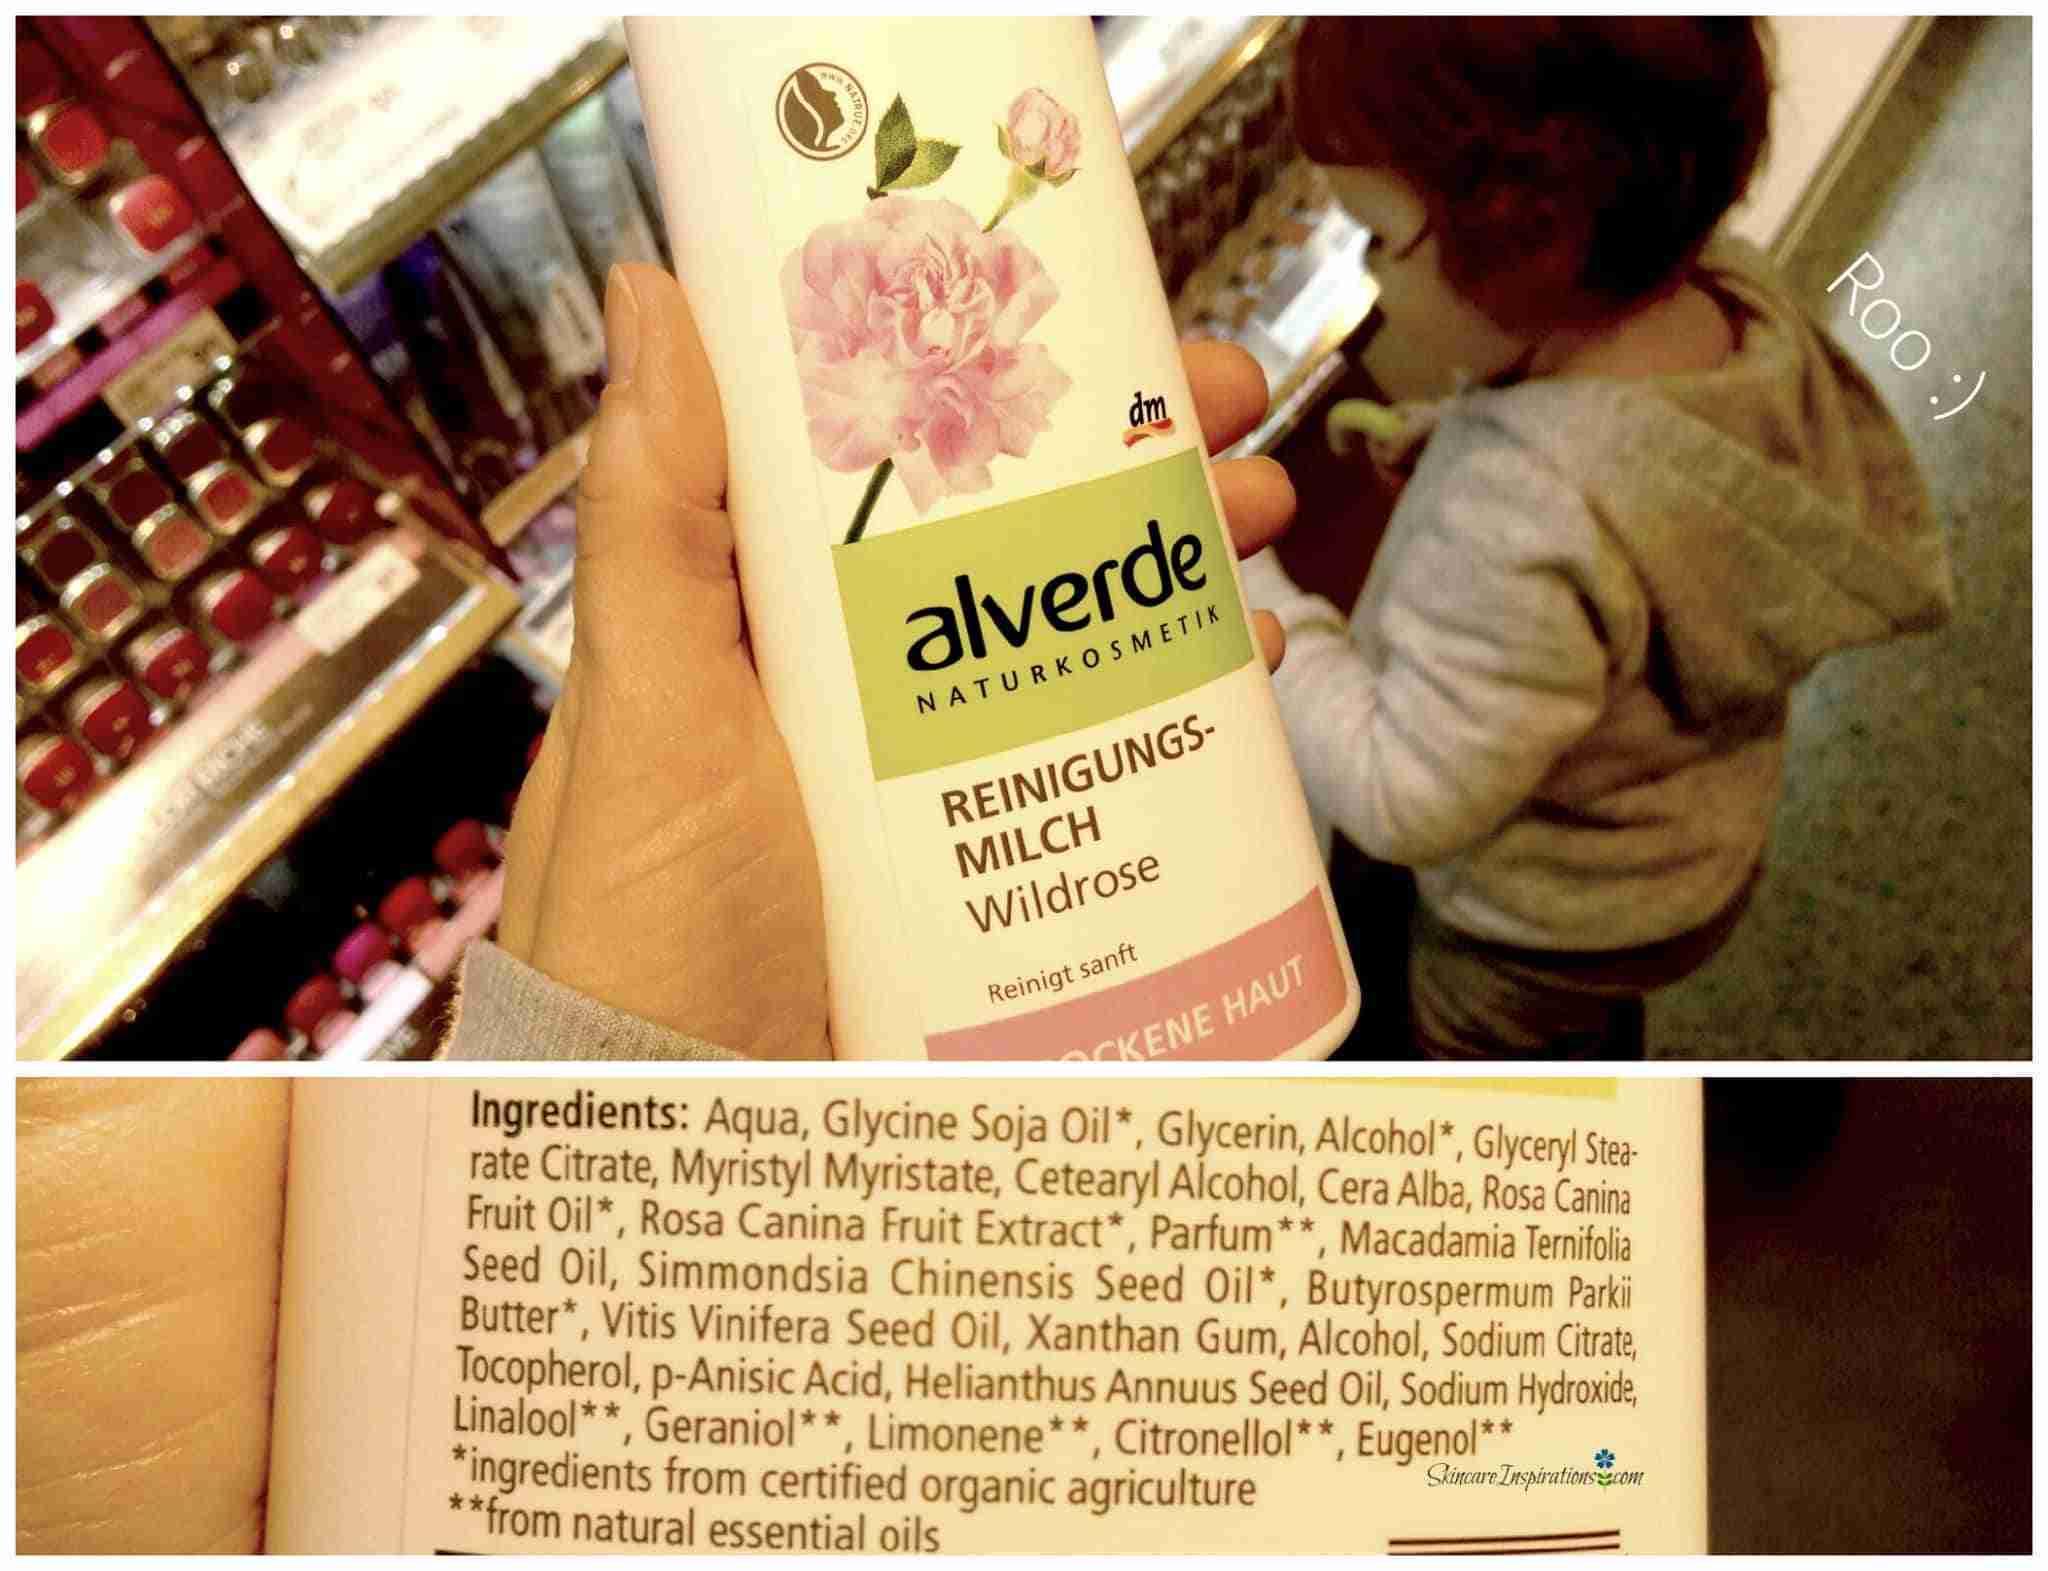 Alverde Reinigungsmilch Wildrose Drogeriepflegeprodukte